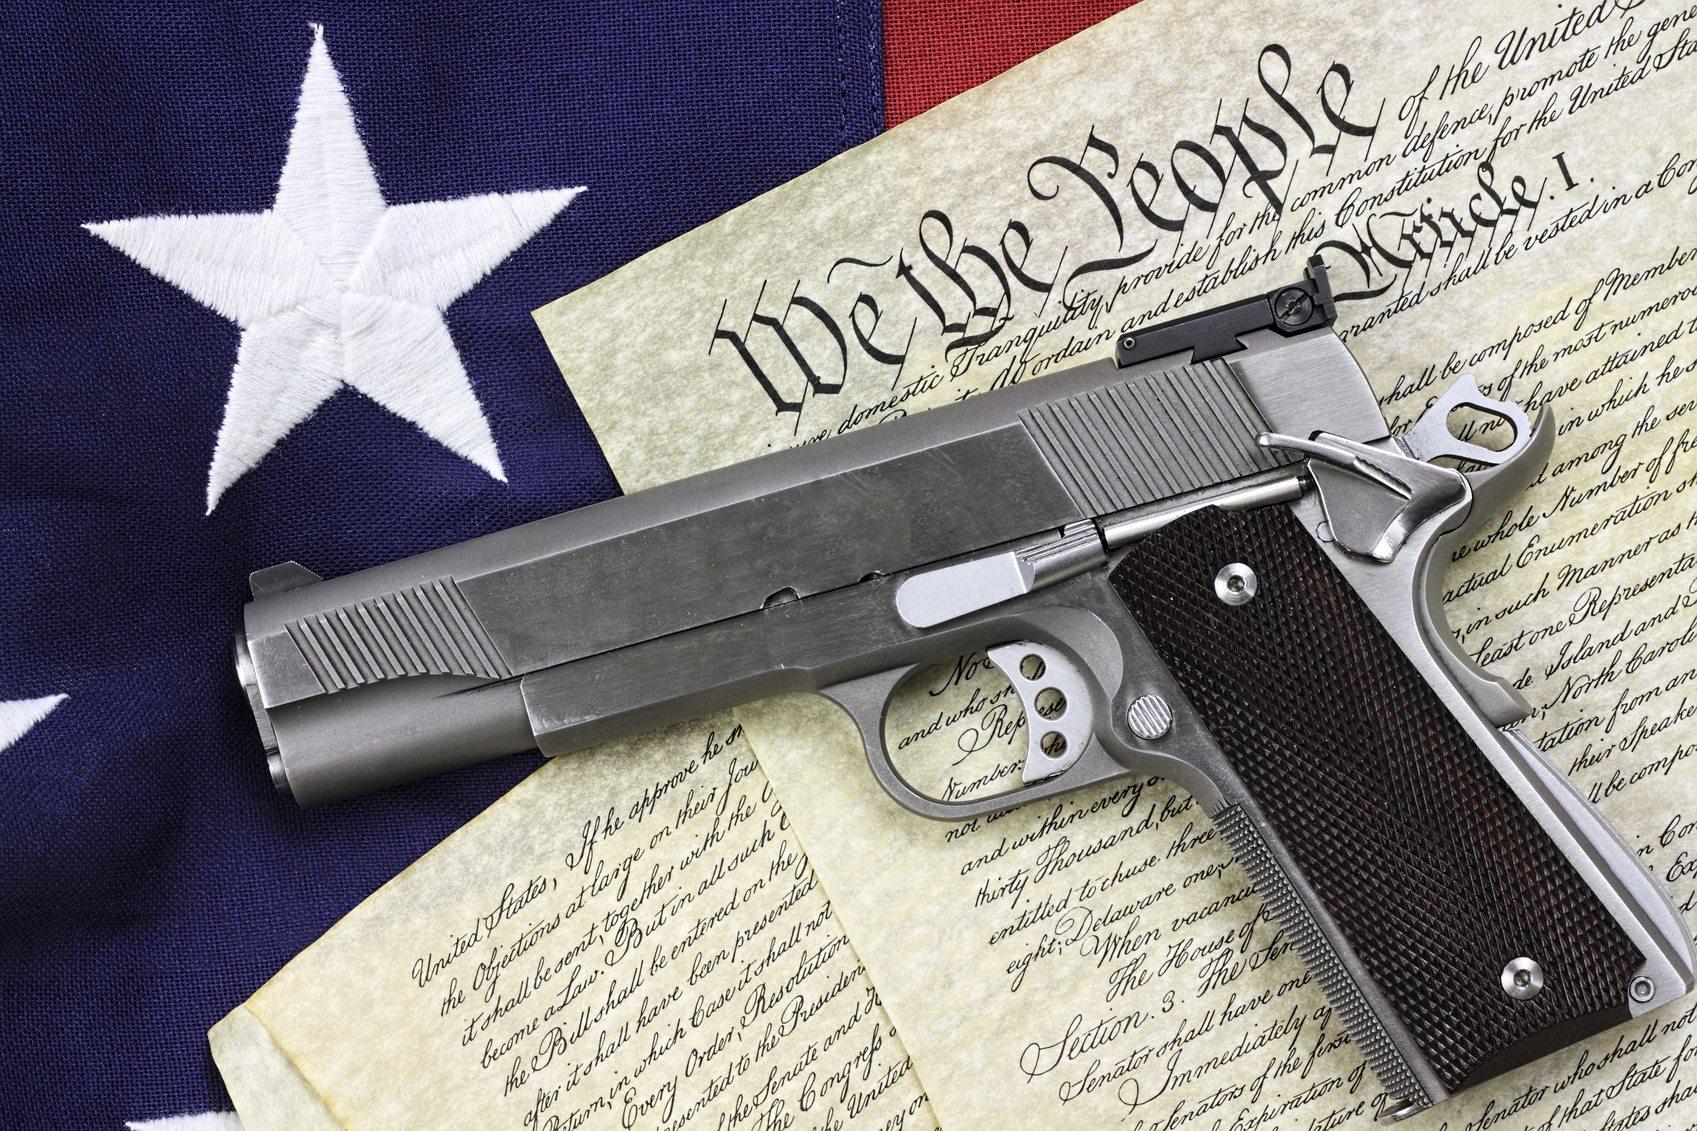 american handgun laws article